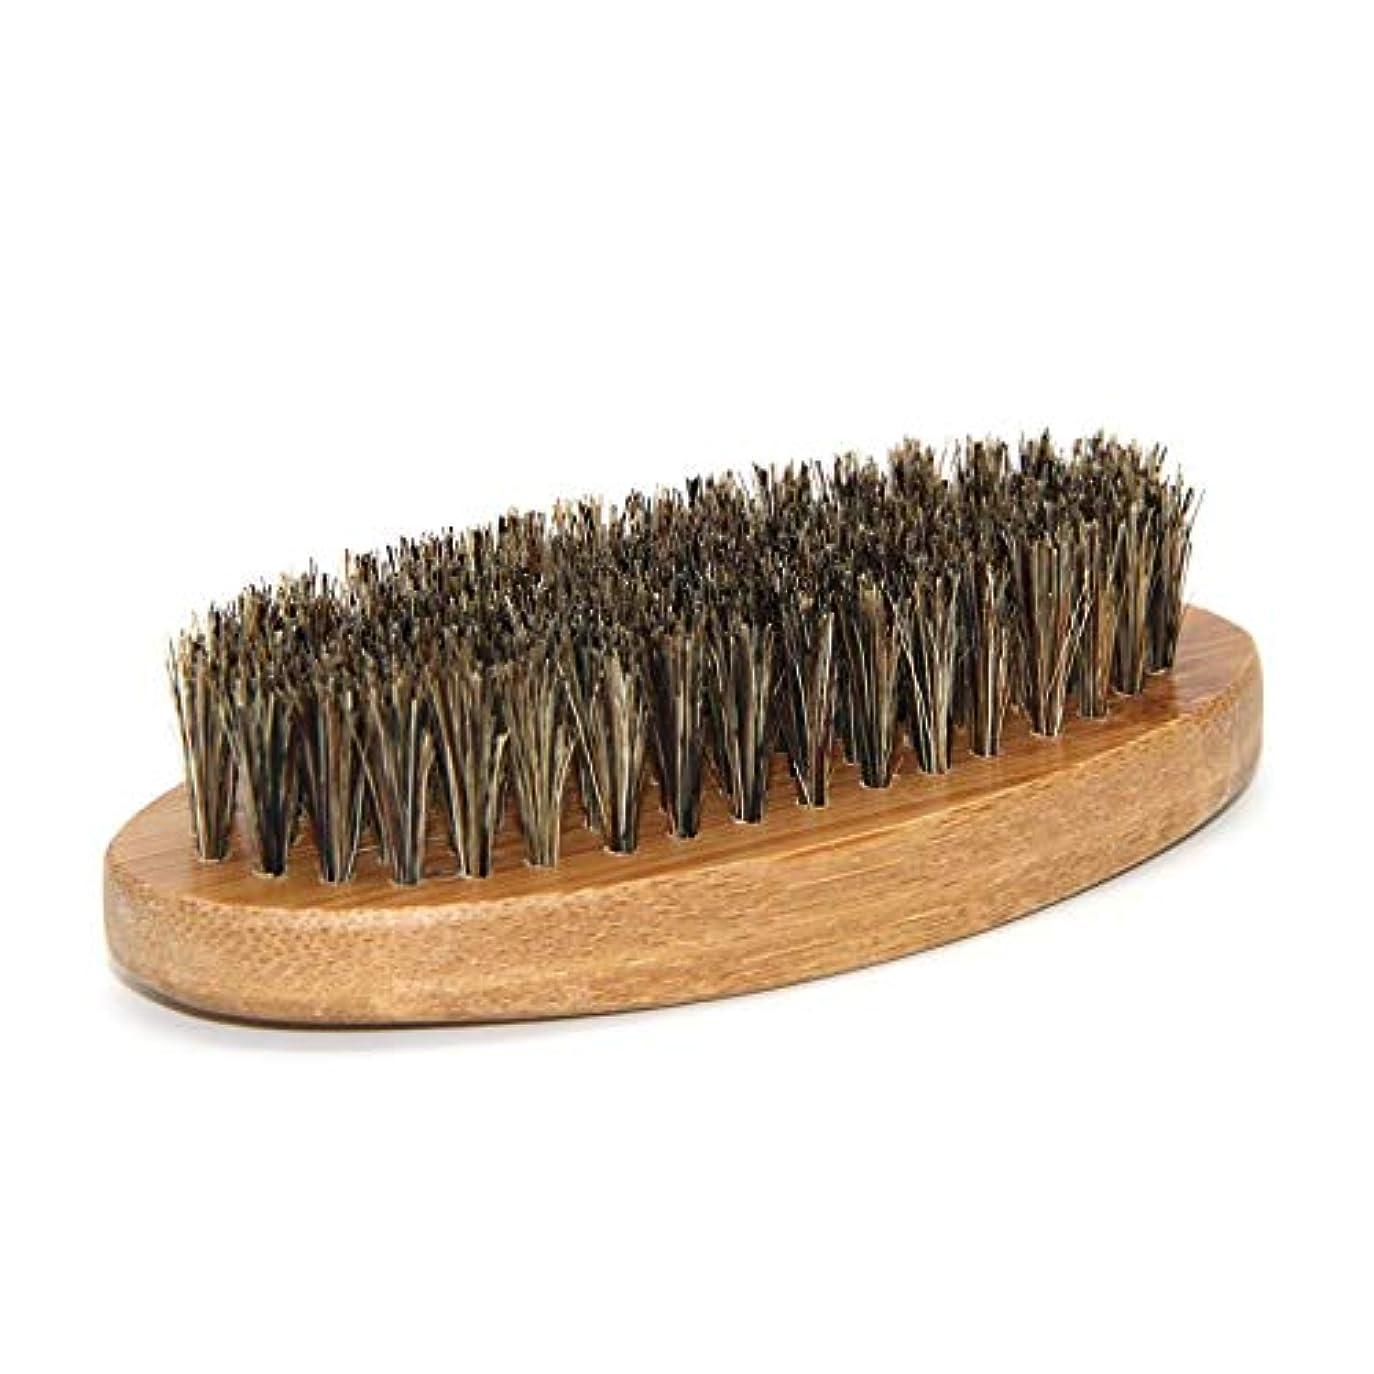 サラダ迷信集中的な男性イノシシ毛剛毛髭口ひげブラシミリタリーハードラウンドウッドハンドル - ブラウン